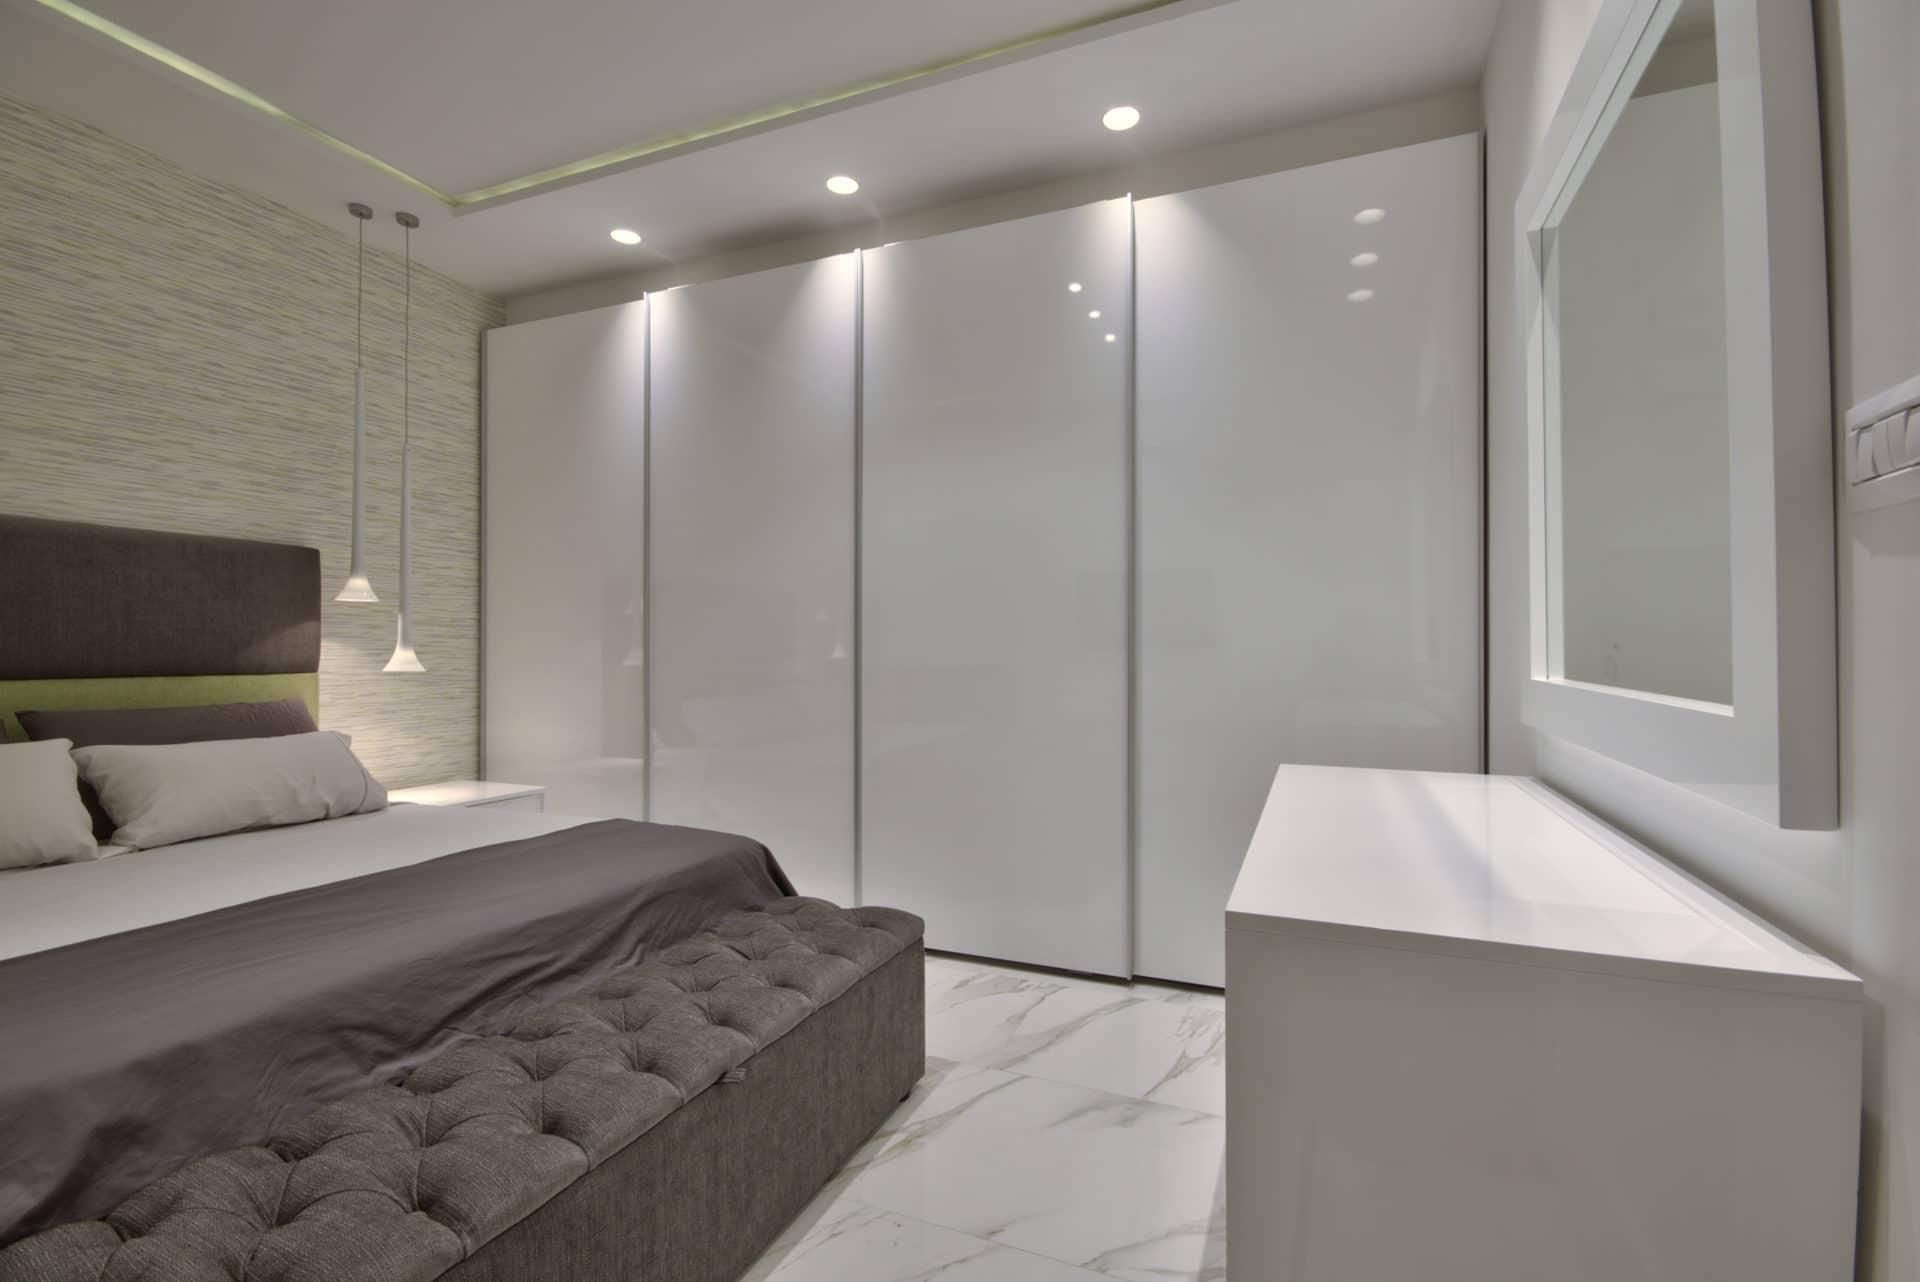 Main Bedroom – wardrobe, bedding, ottoman, wallpaper, pendant lights